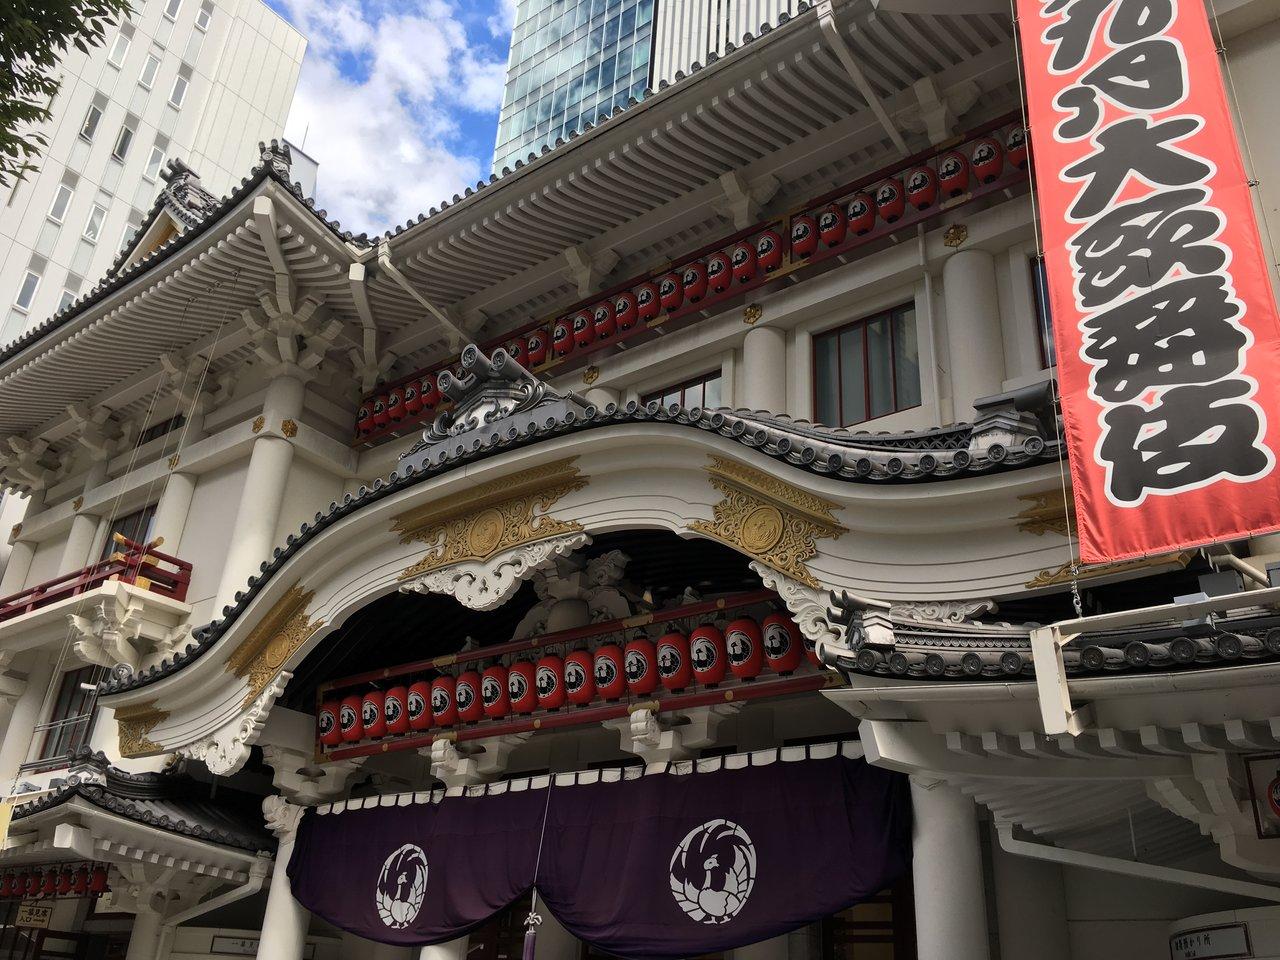 銀座のビルで3000本の竹に囲まれて茶禅を堪能「寿月堂 銀座 歌舞伎座店」